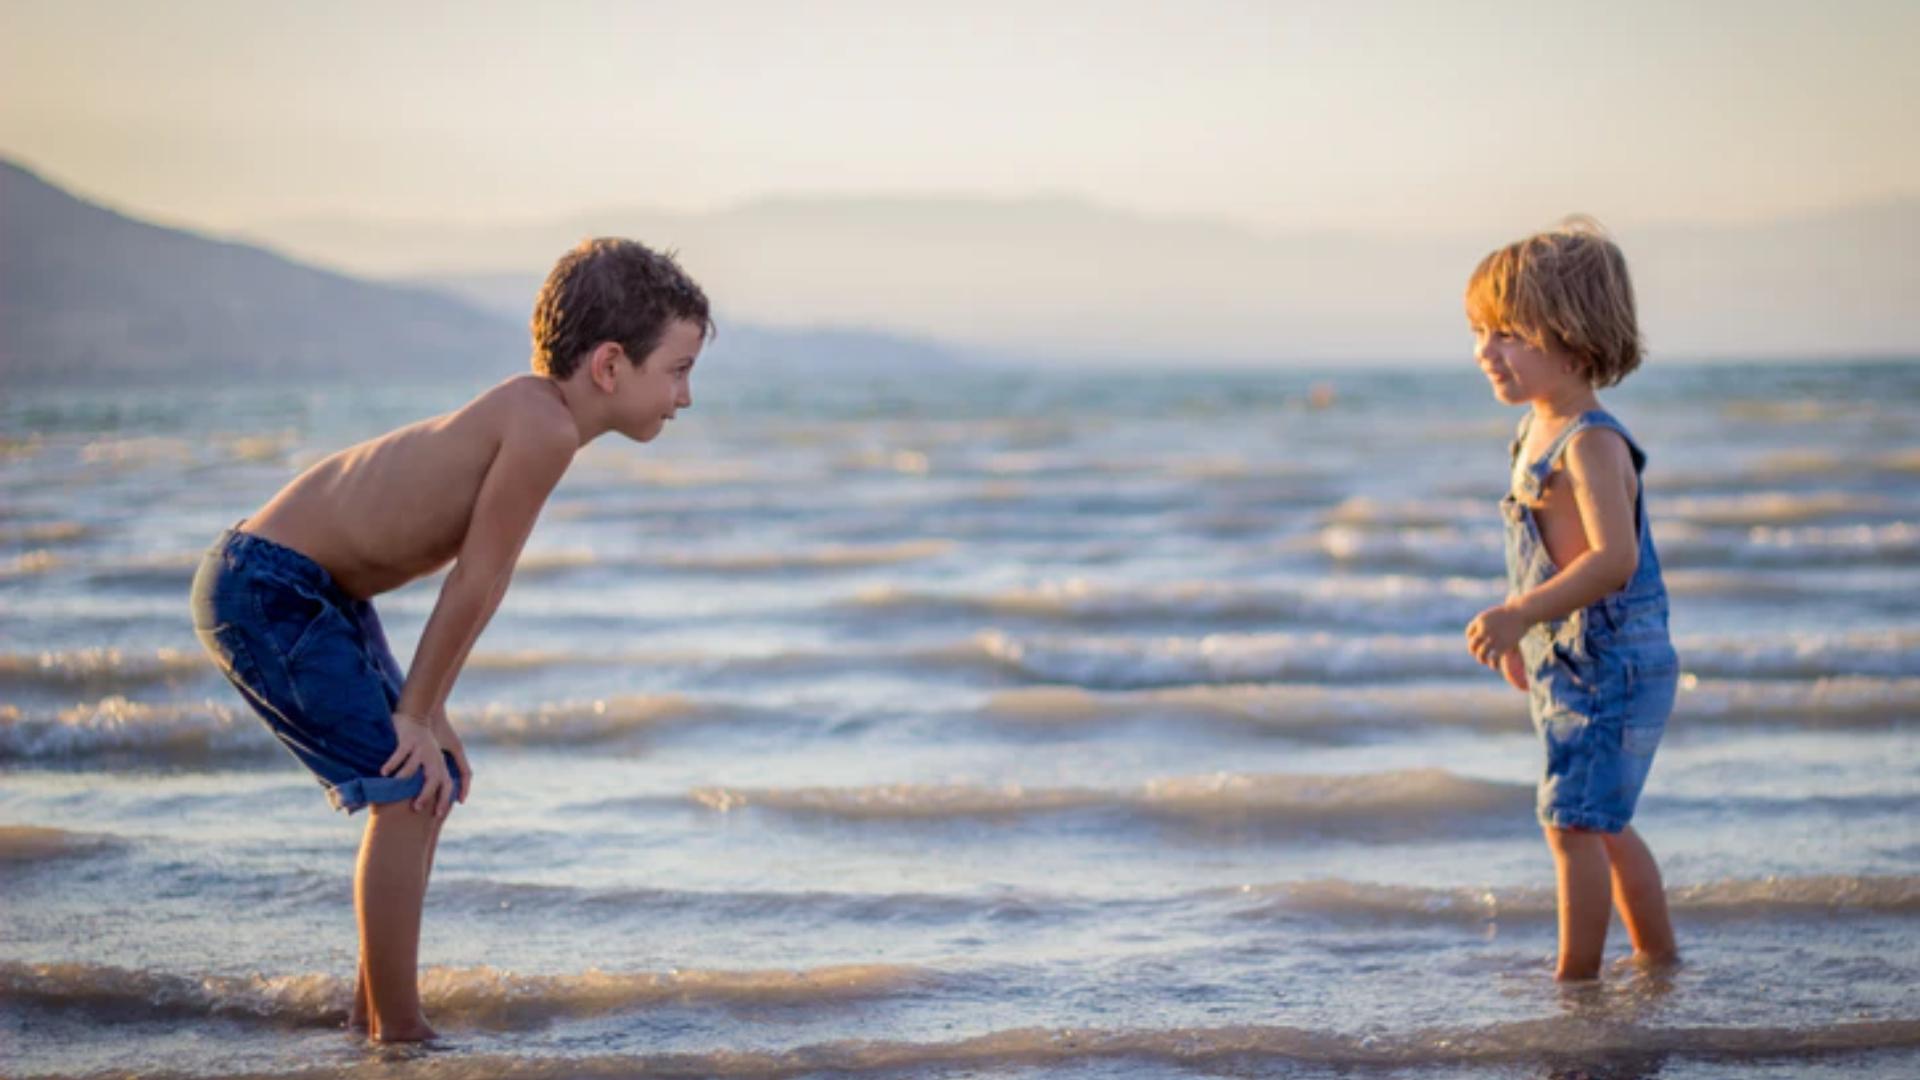 enfants à la plage les pieds dans l'eau